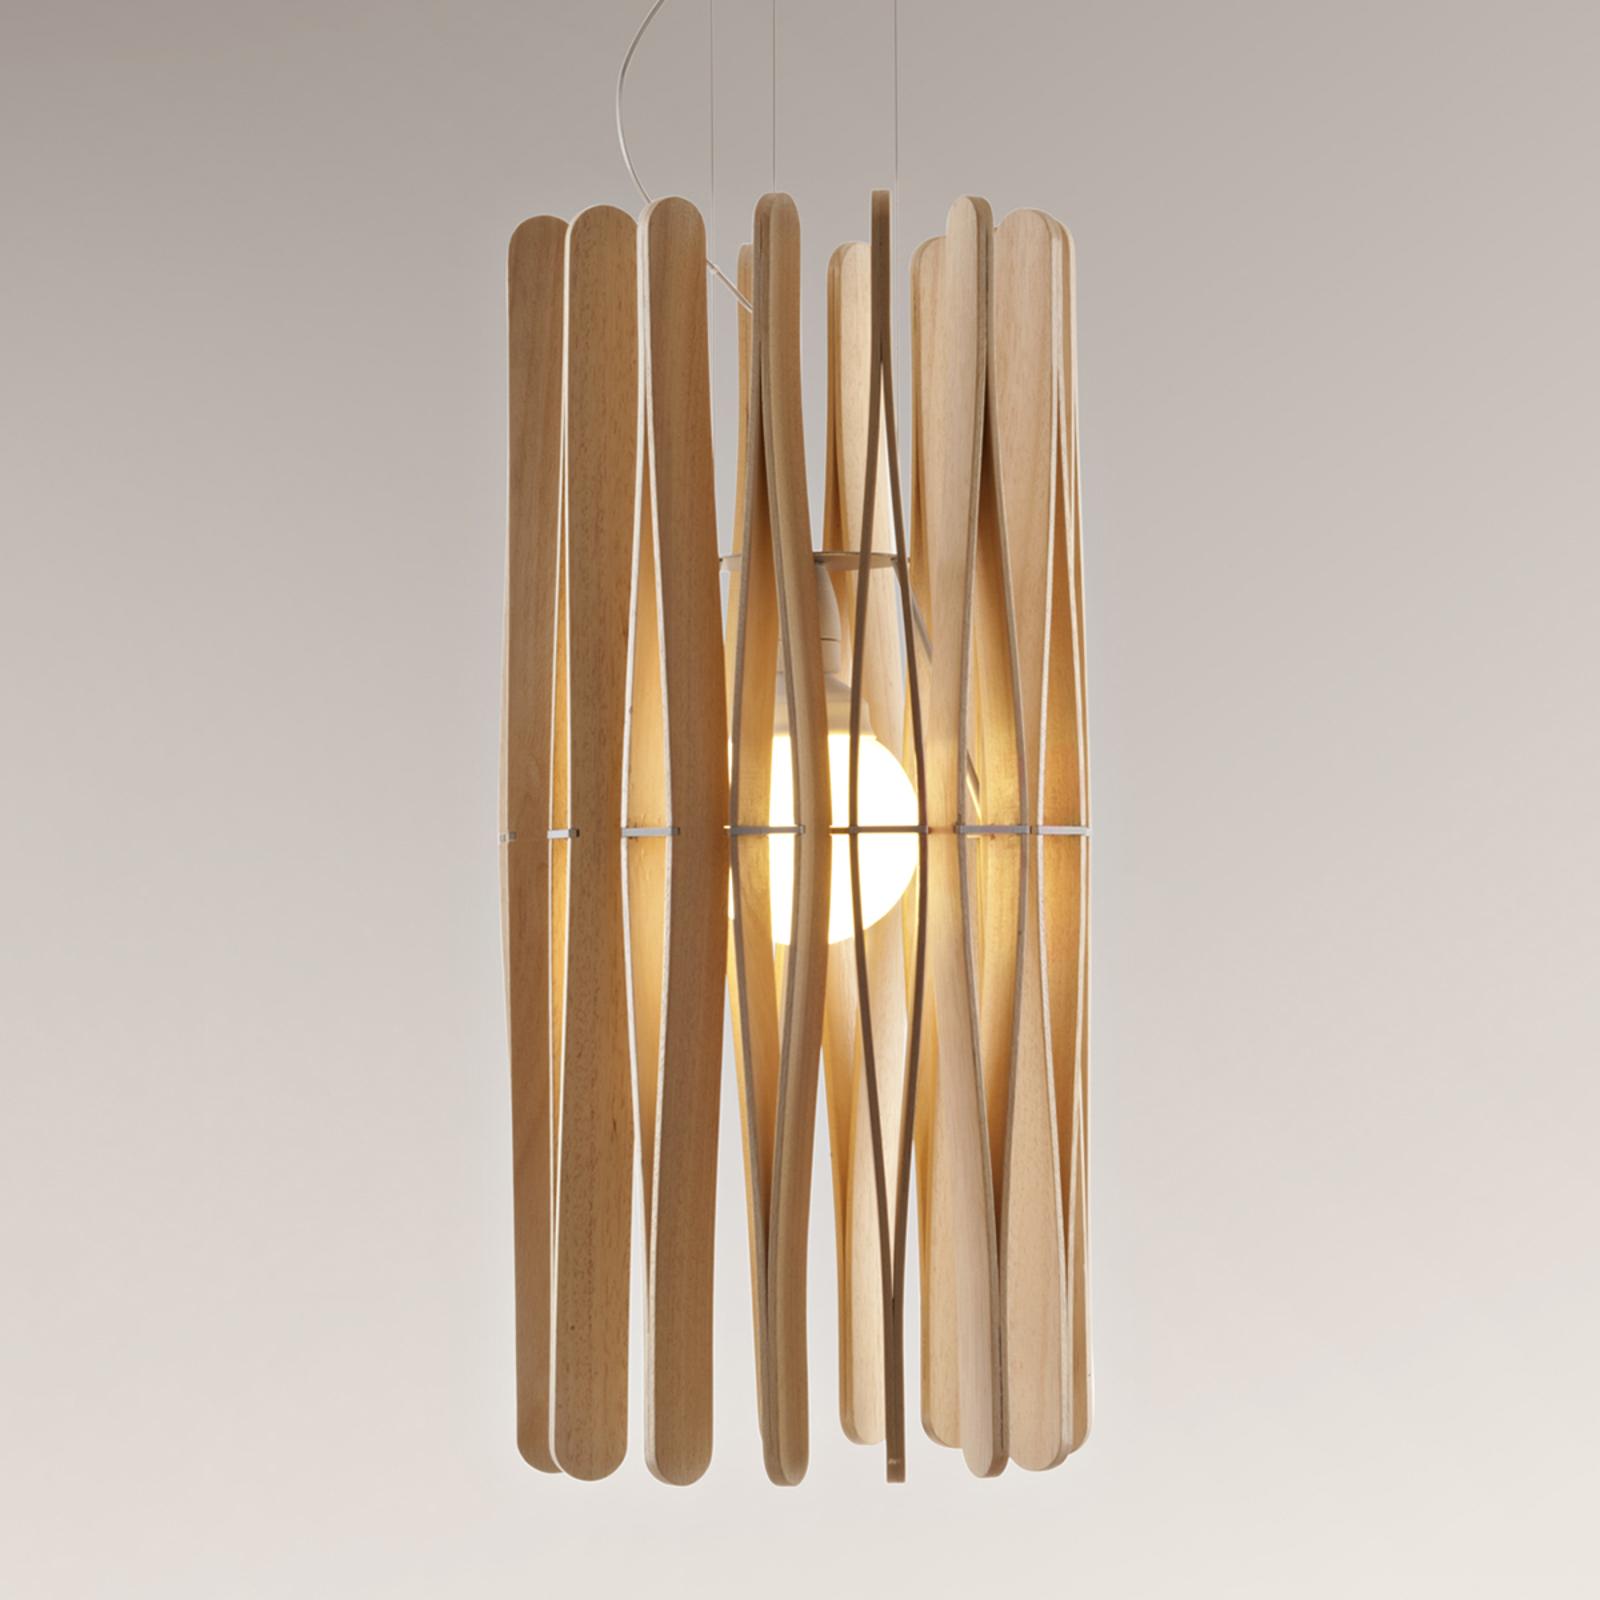 Fabbian Stick sospensione, legno, cilindro, 33cm